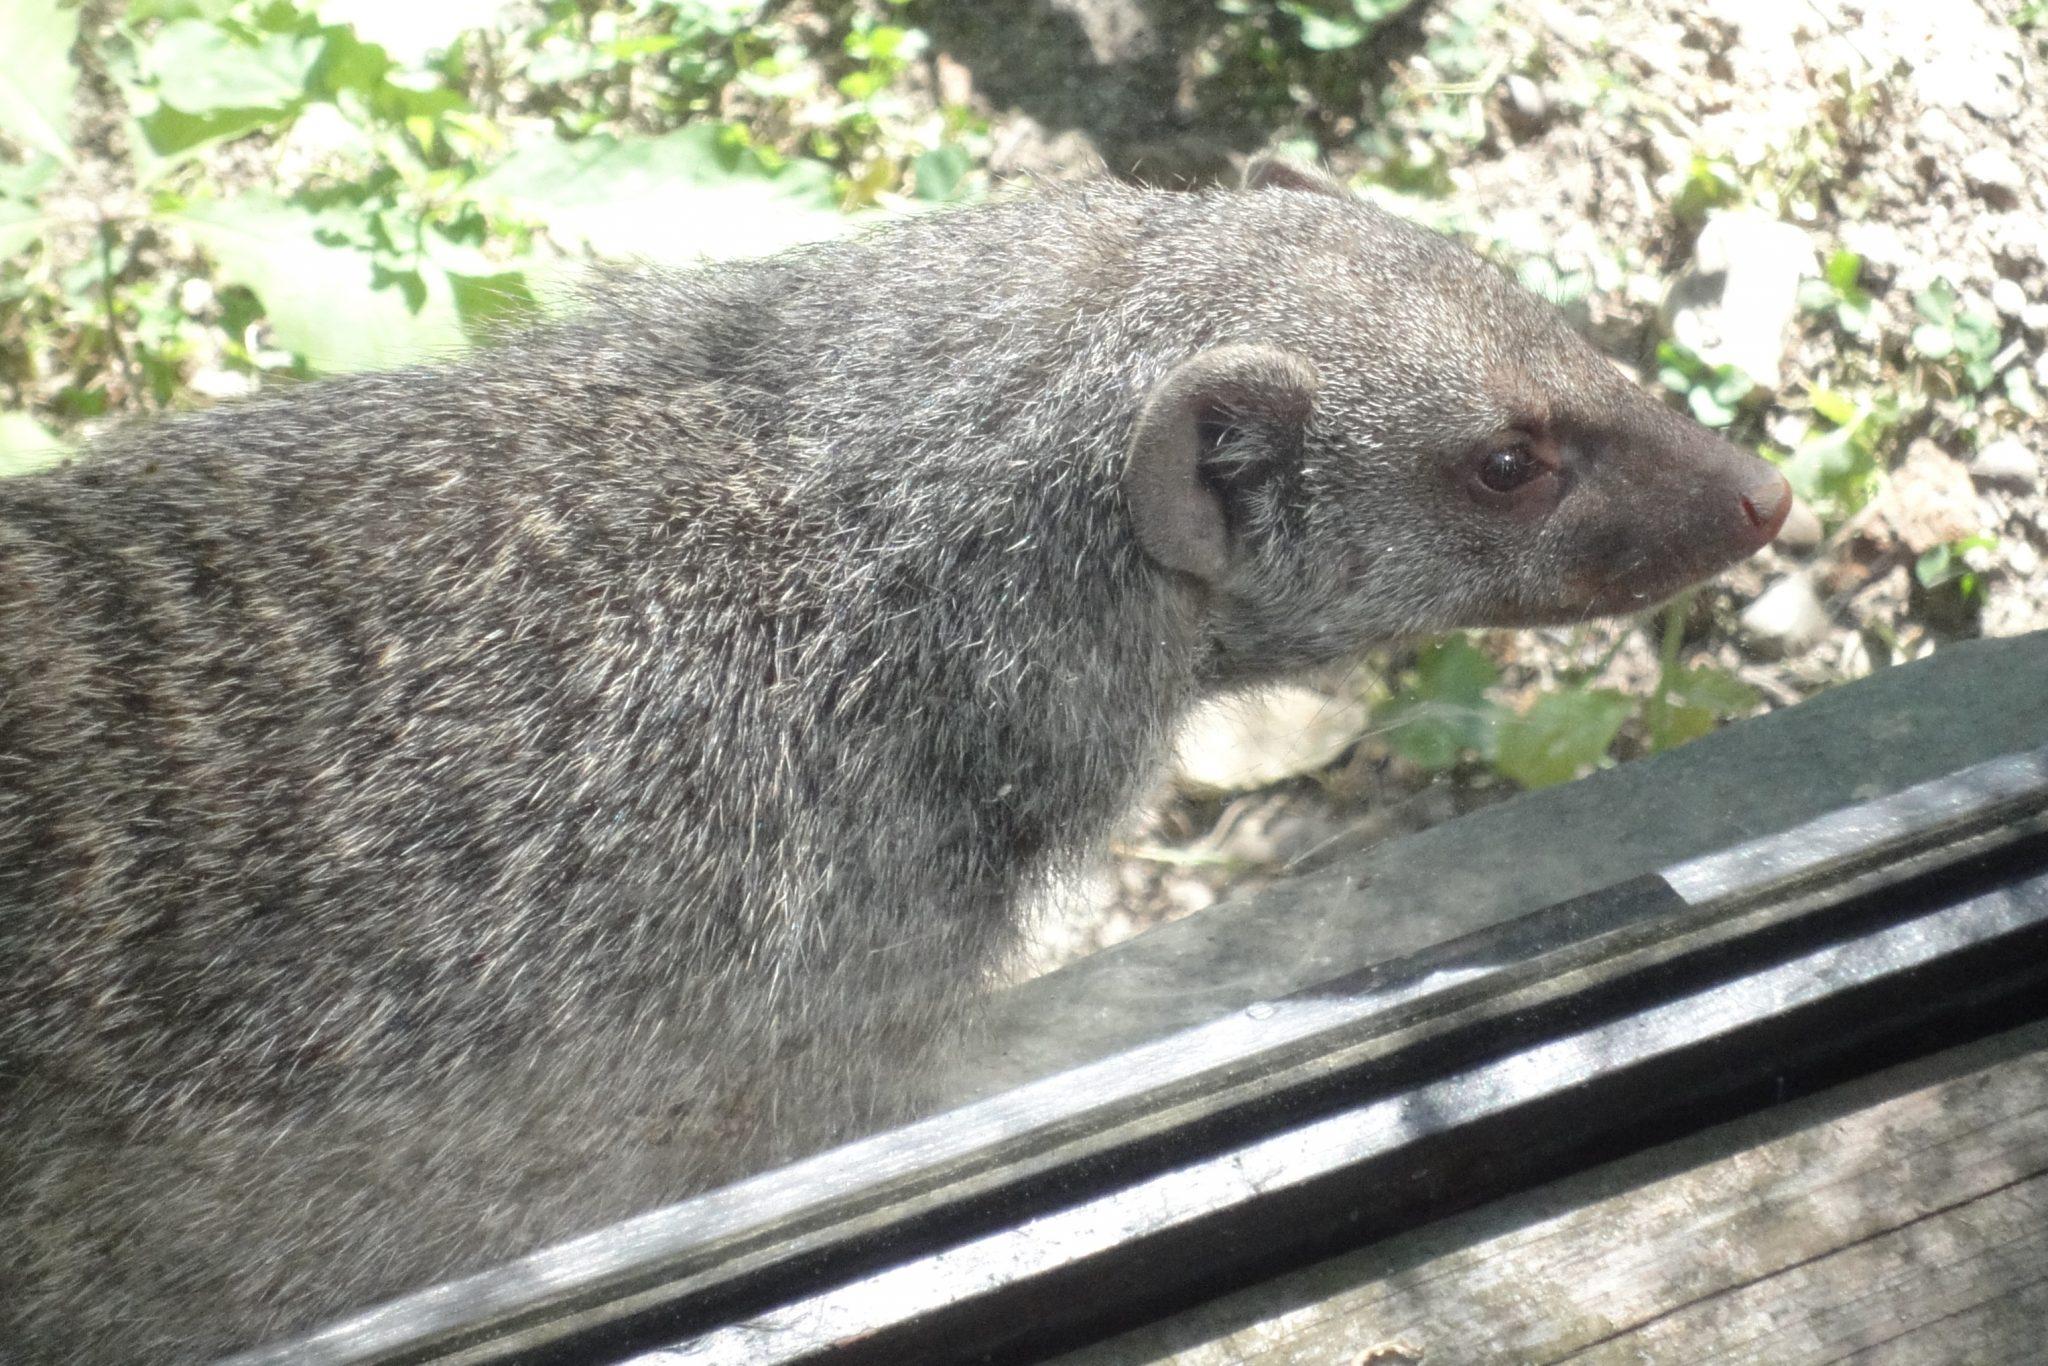 Mungos mungo, Banded Mongoose